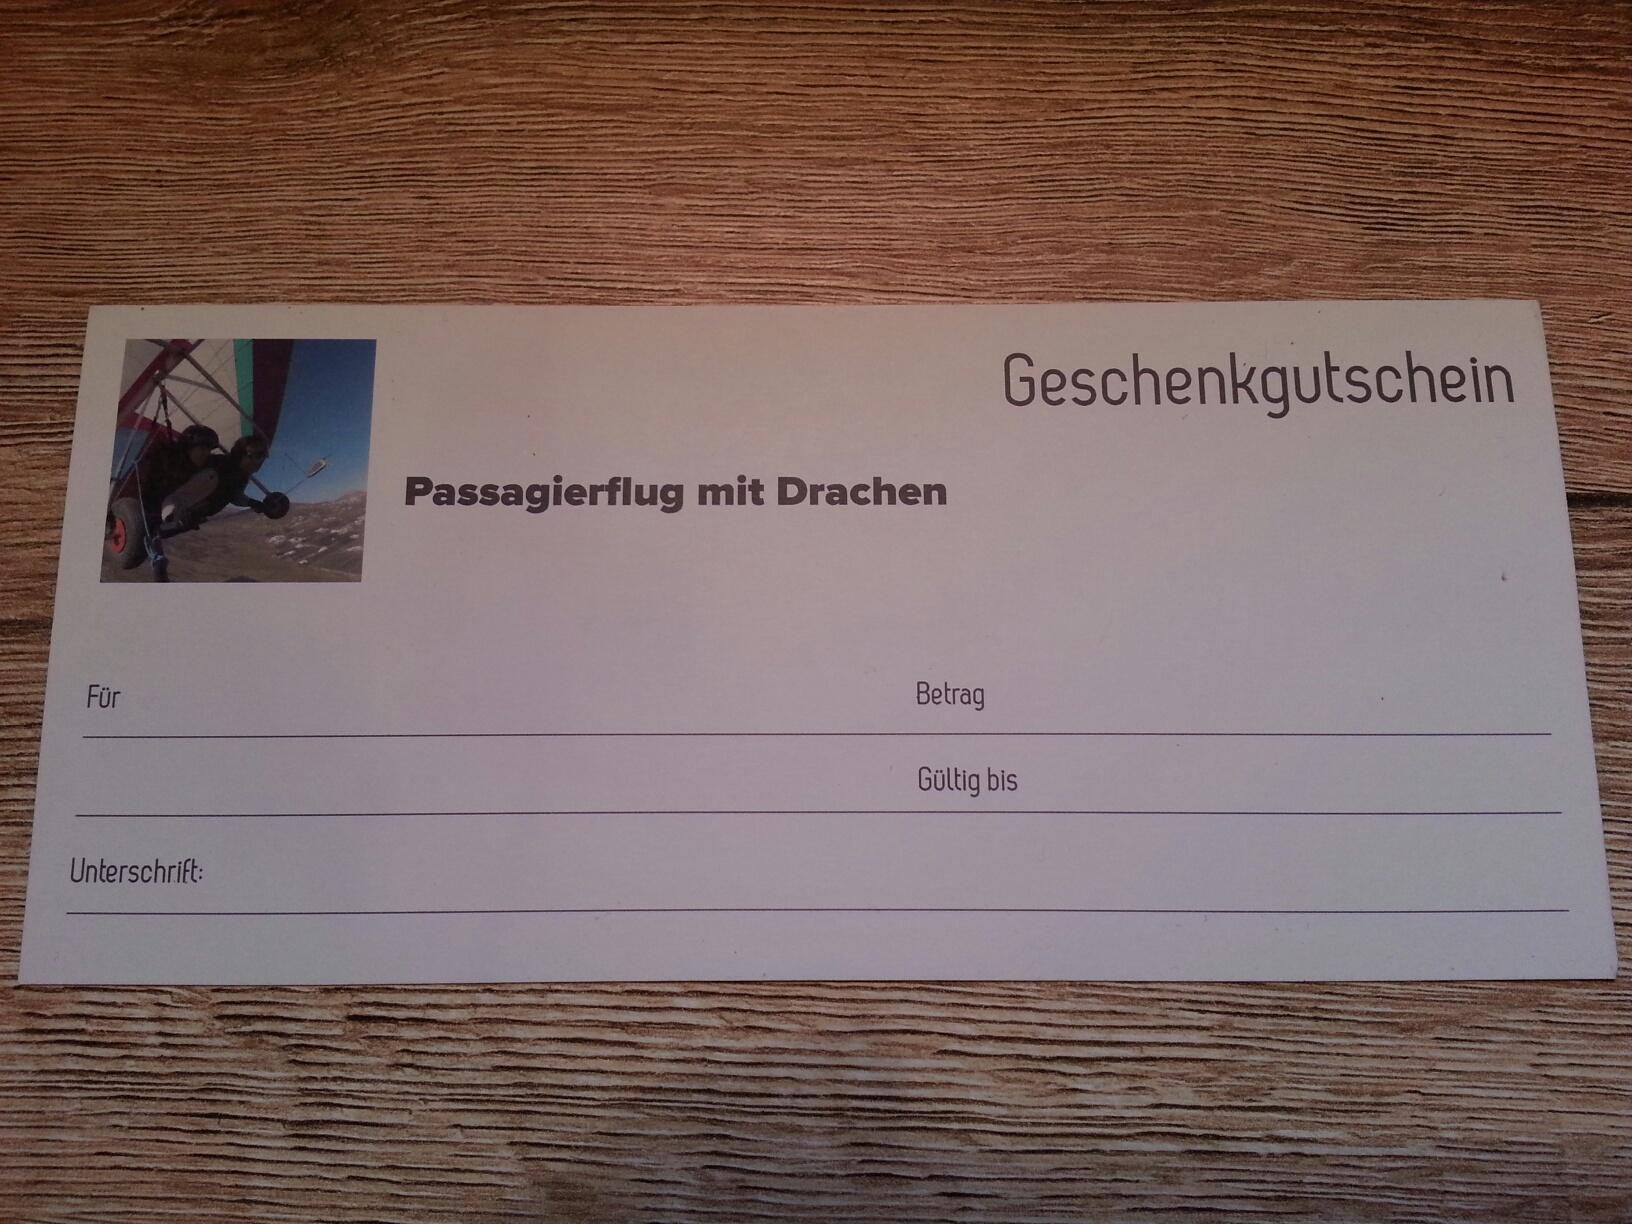 Passagierflug Geschenk Guteschein